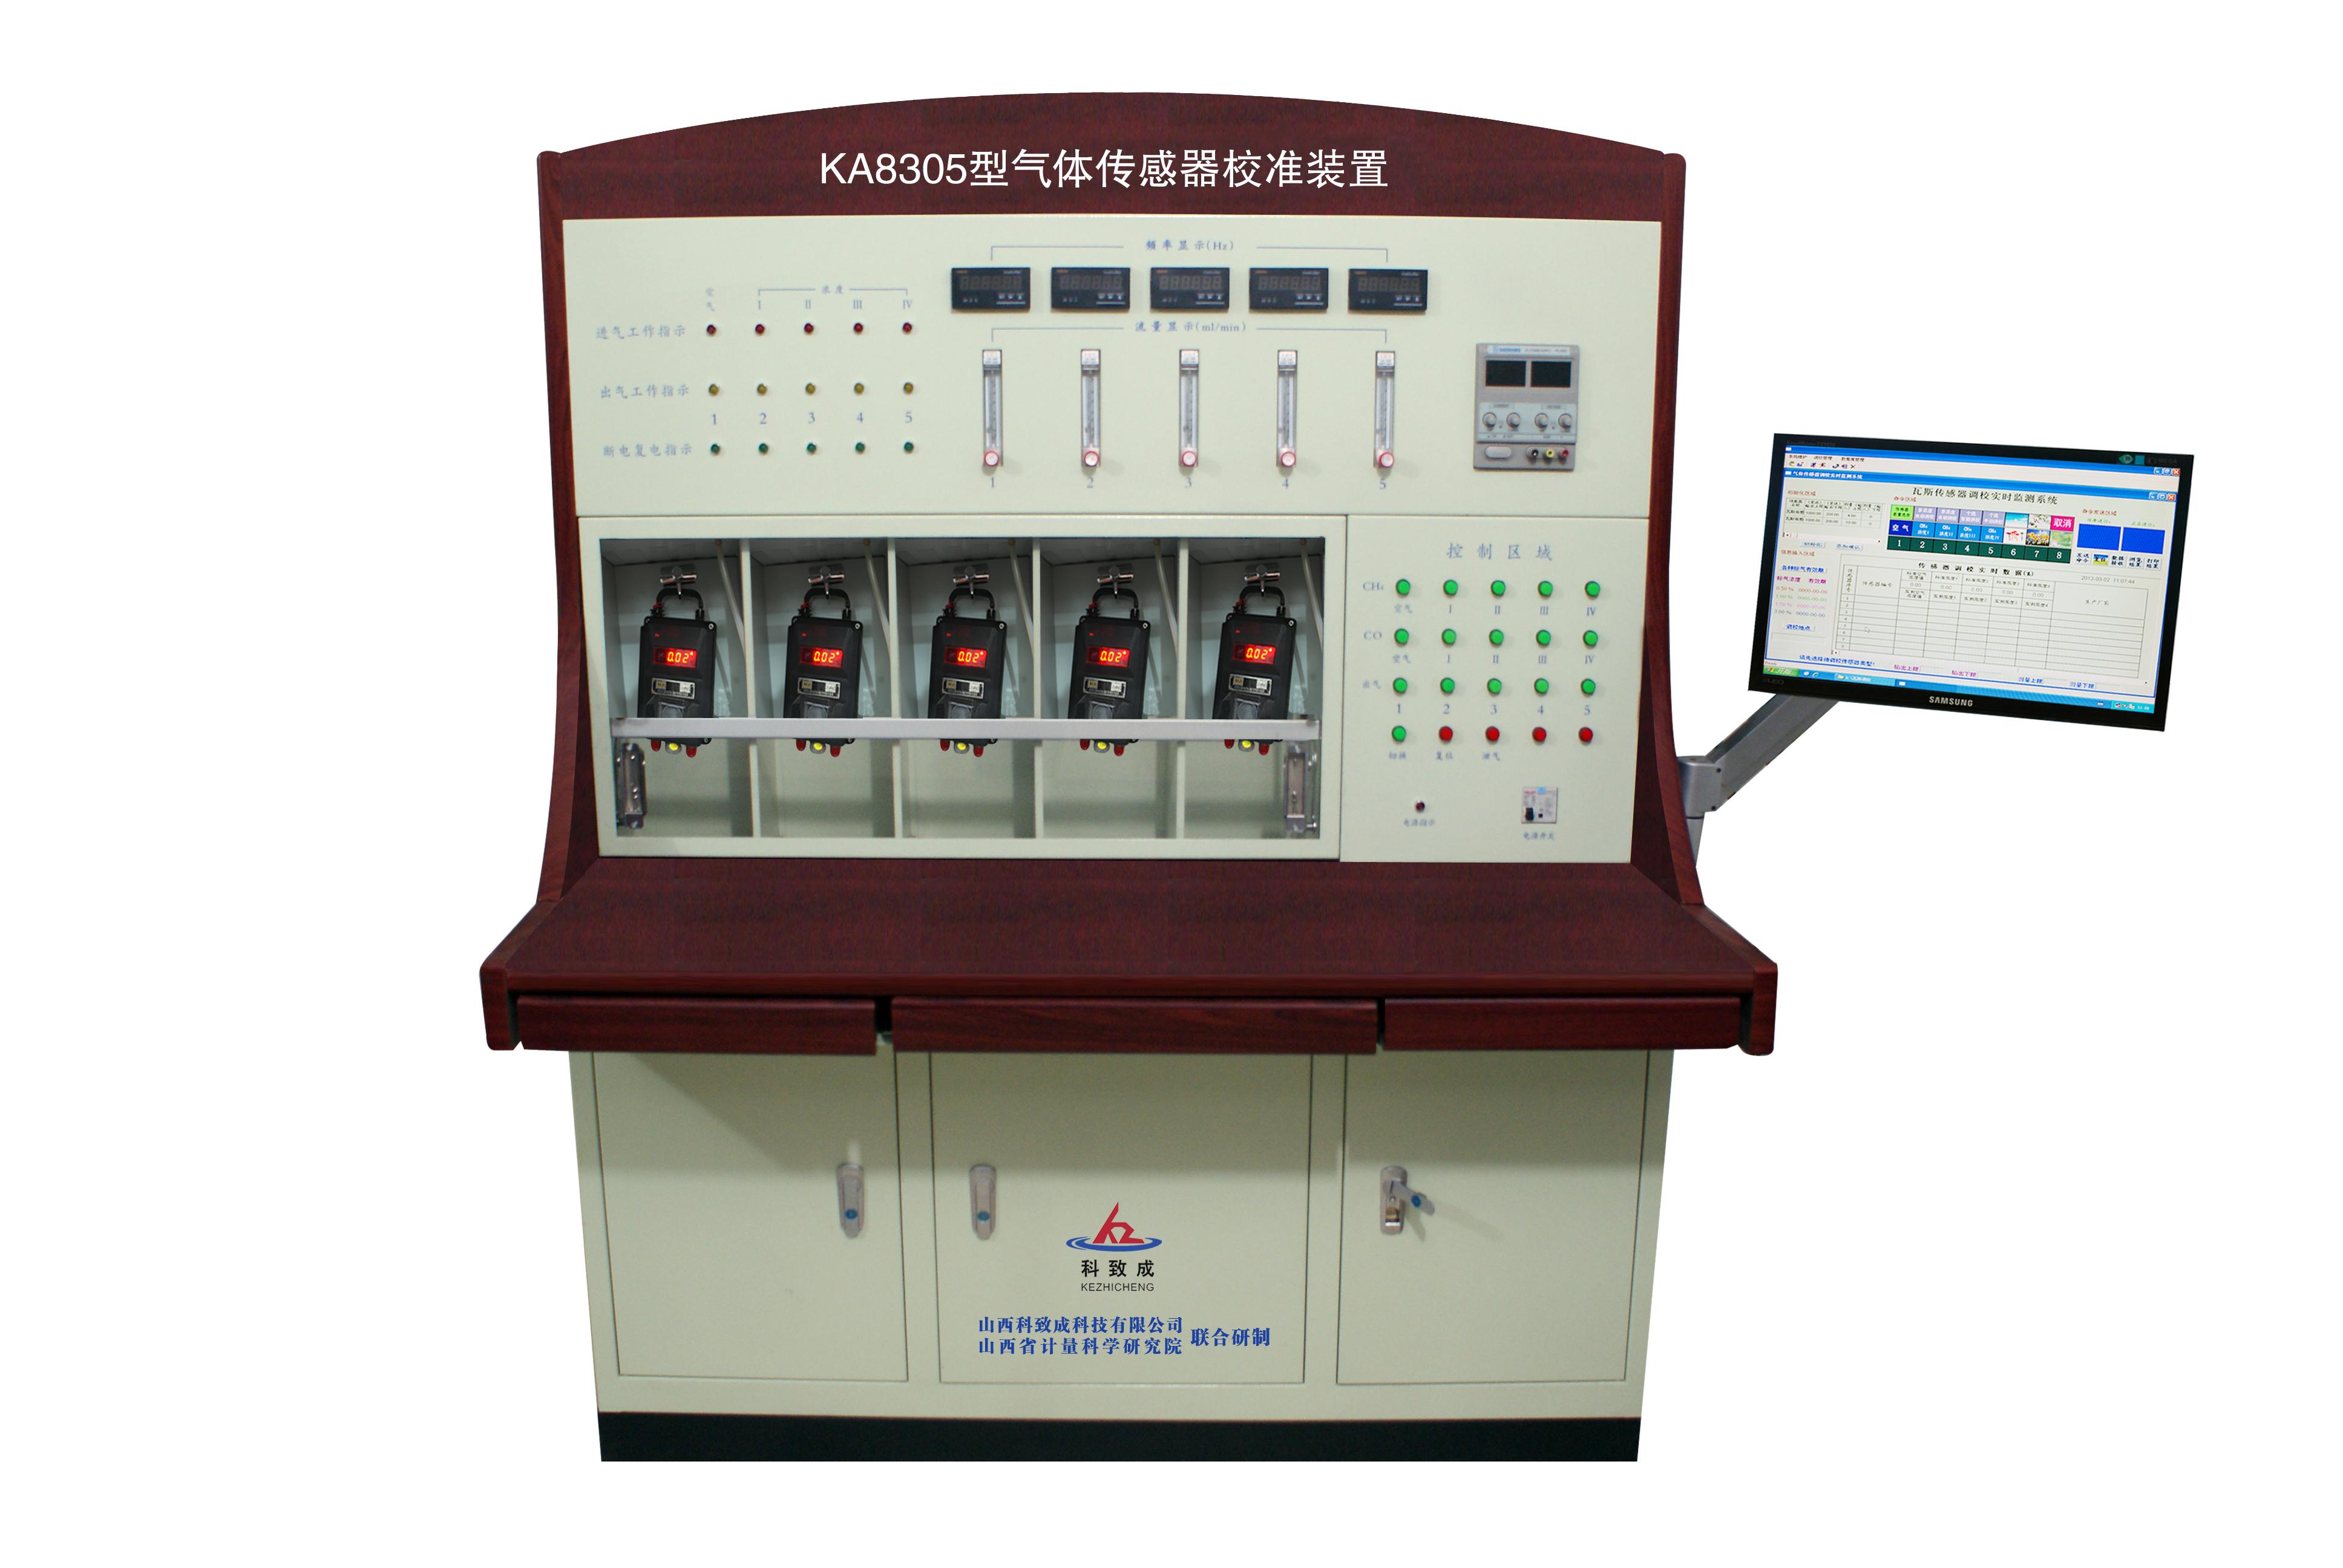 KA8305型气体传感器校准装置he